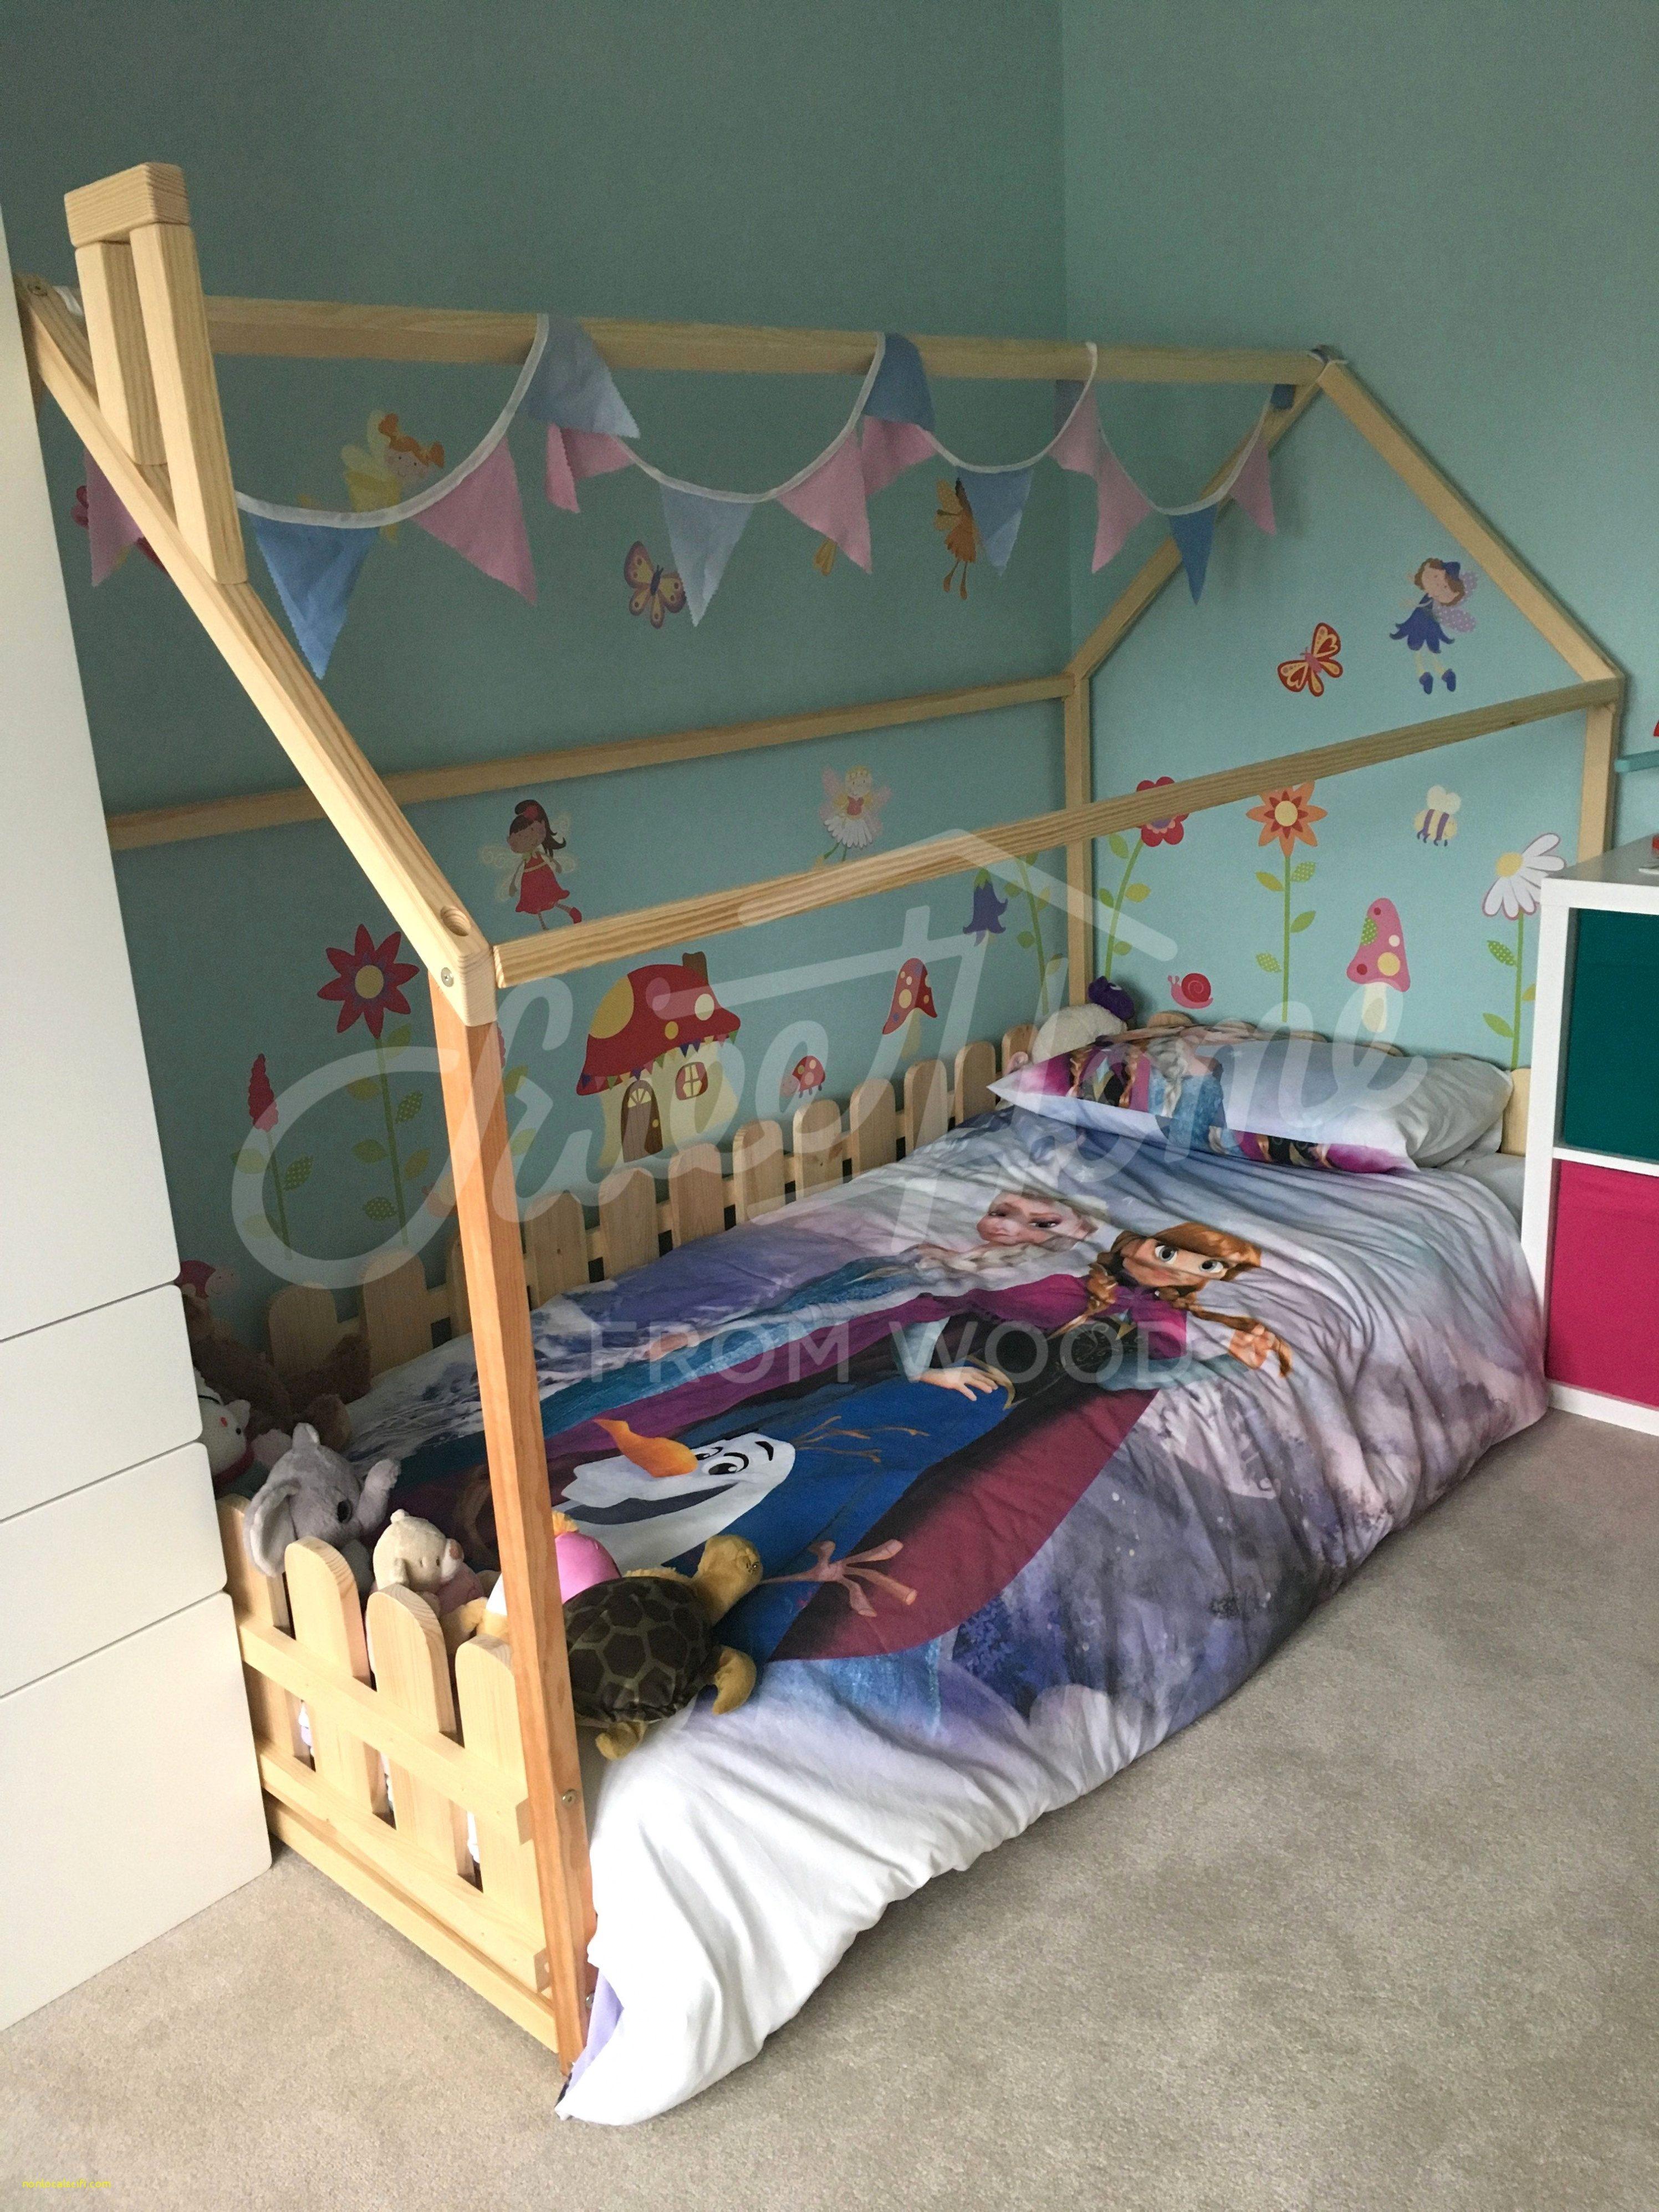 Lit Au sol Enfant Élégant Coussin Pour Lit Bebe Représentations Plus Artistique Résultat